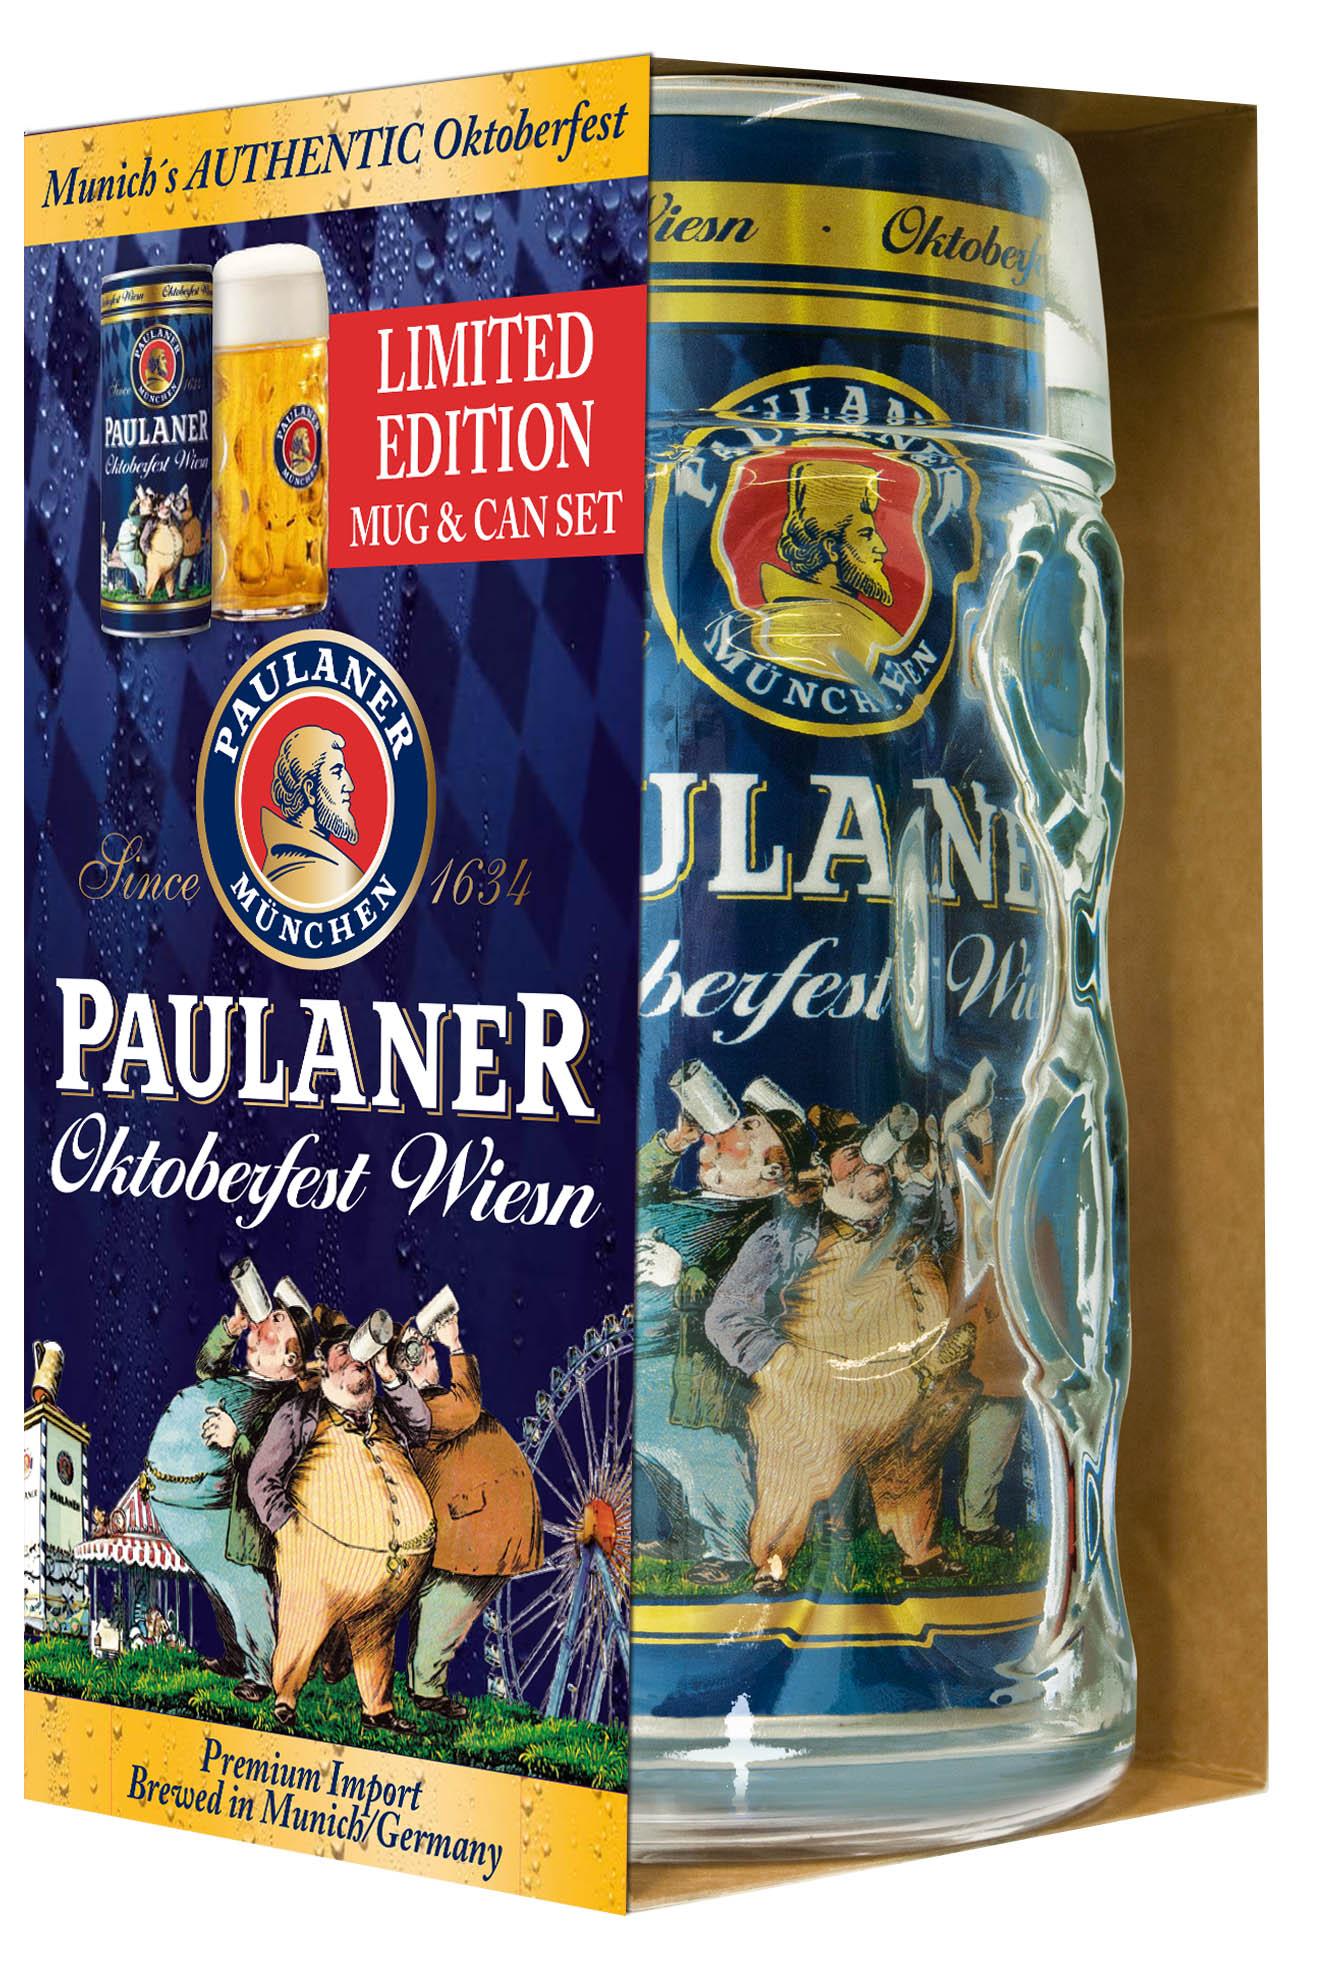 Paulaner Usa Reintroduces Oktoberfest Wiesn Gift Set